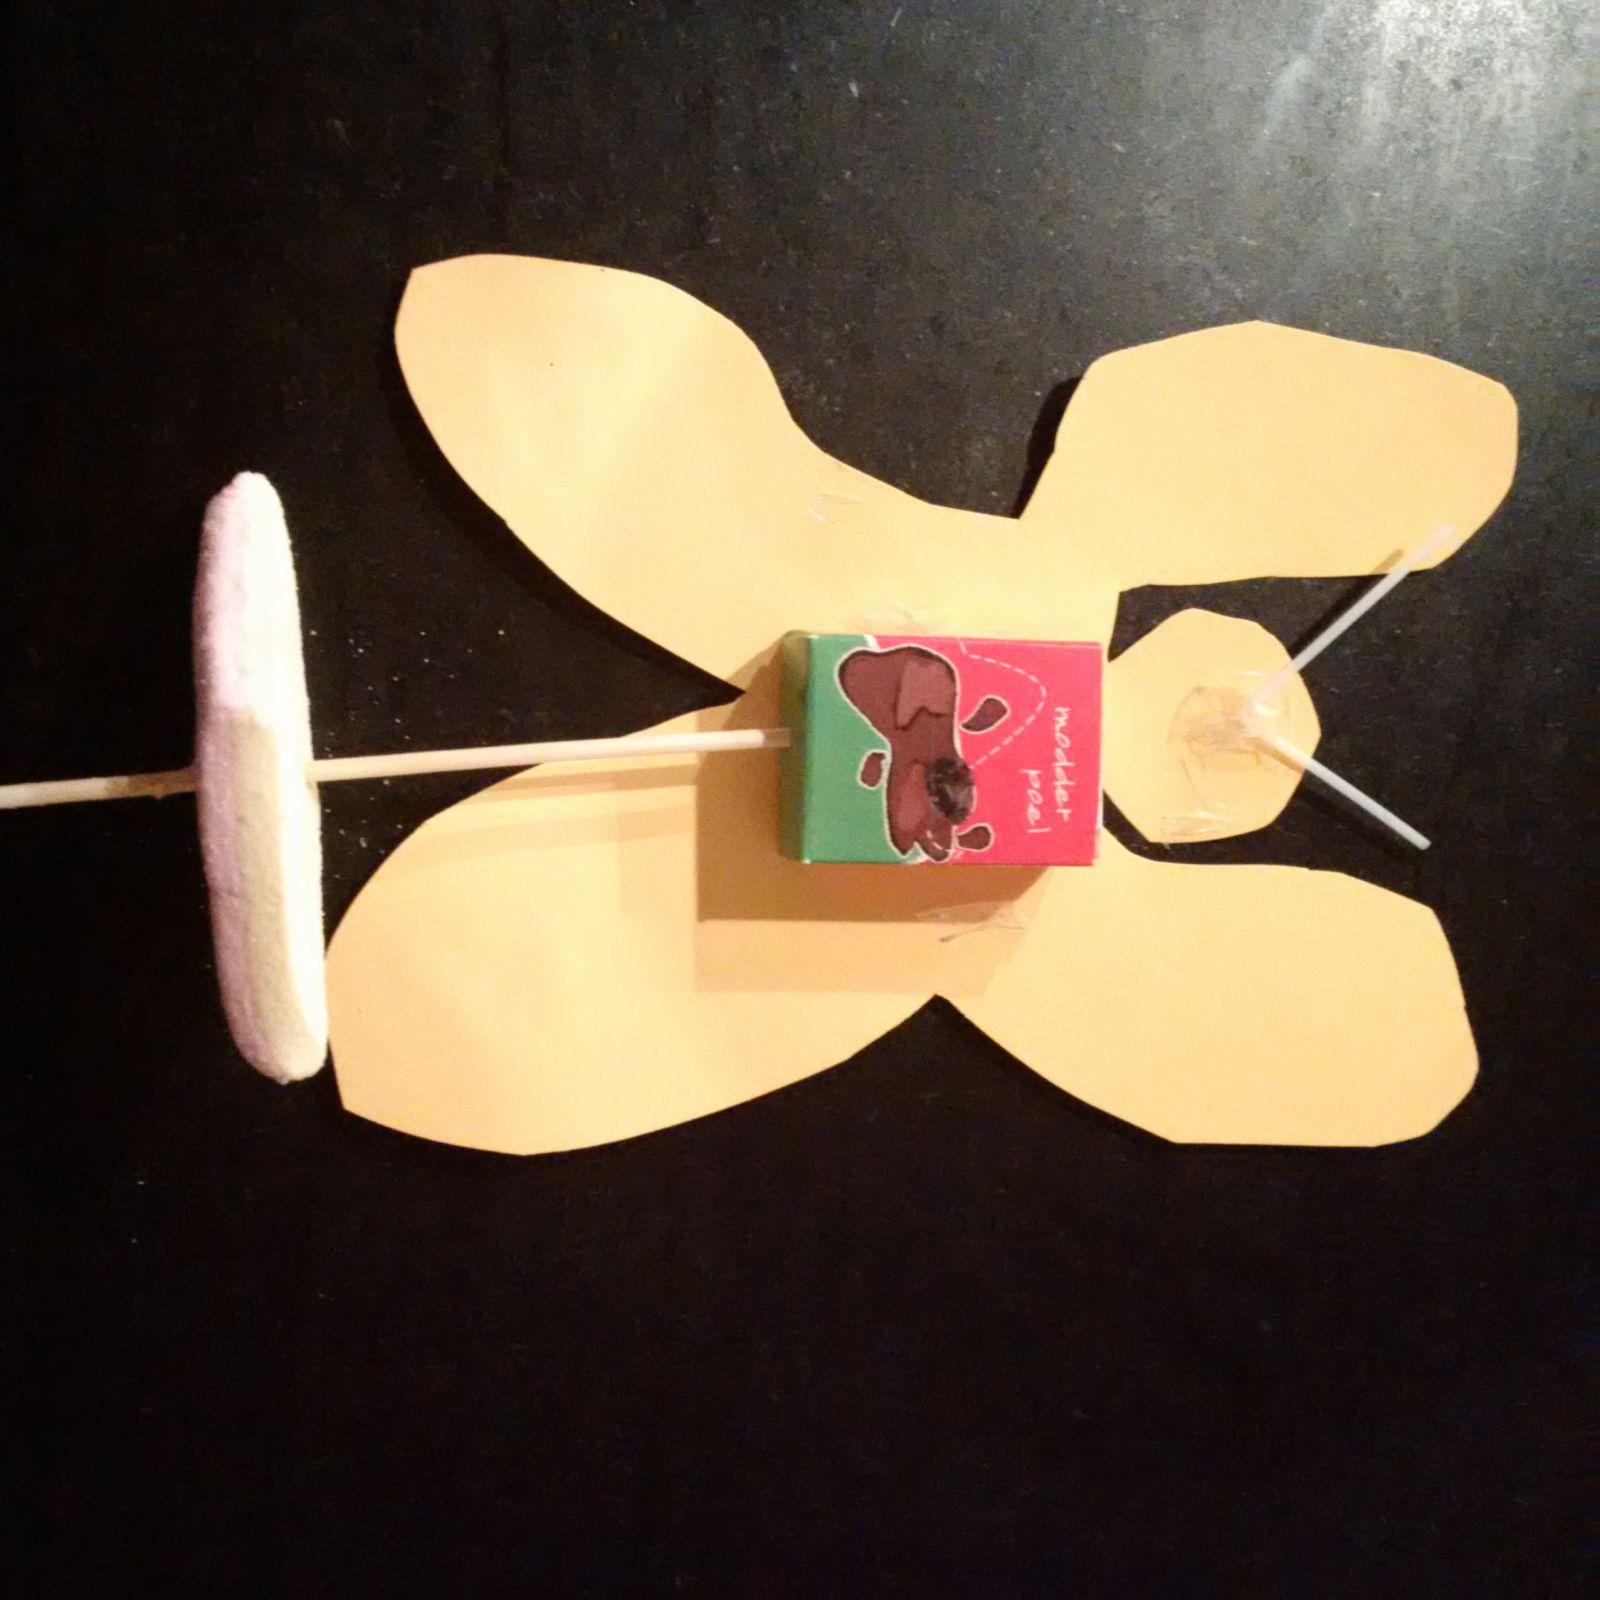 4-16-vlinder-traktatie-trakteren-peuter-kleuter-school-basisschool-meisje-leuk-makkelijk-samen-jarig-verjaardag-kinderen-blog-mama-nanny-moeder-amsterdam-achterkant